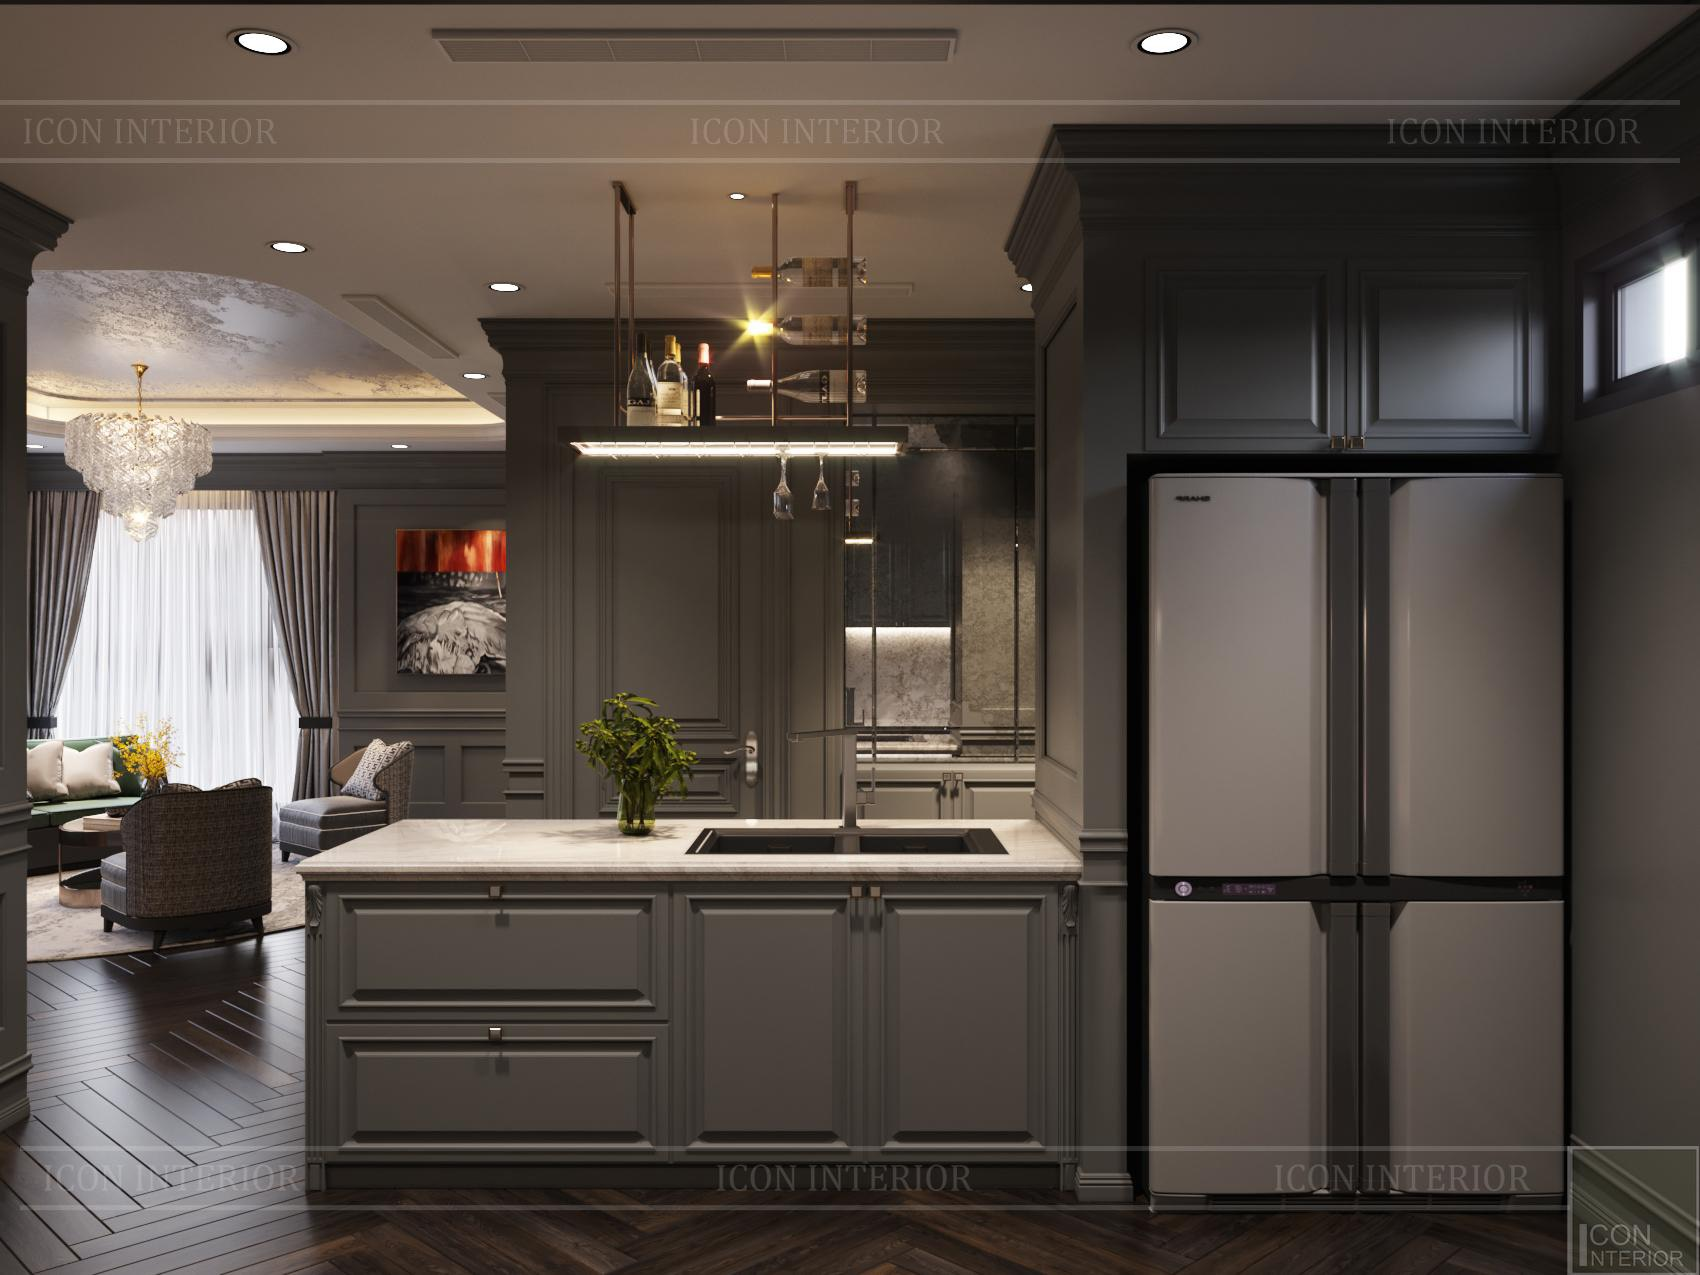 Thiết kế căn hộ Kingdom 101 - phòng khách bếp